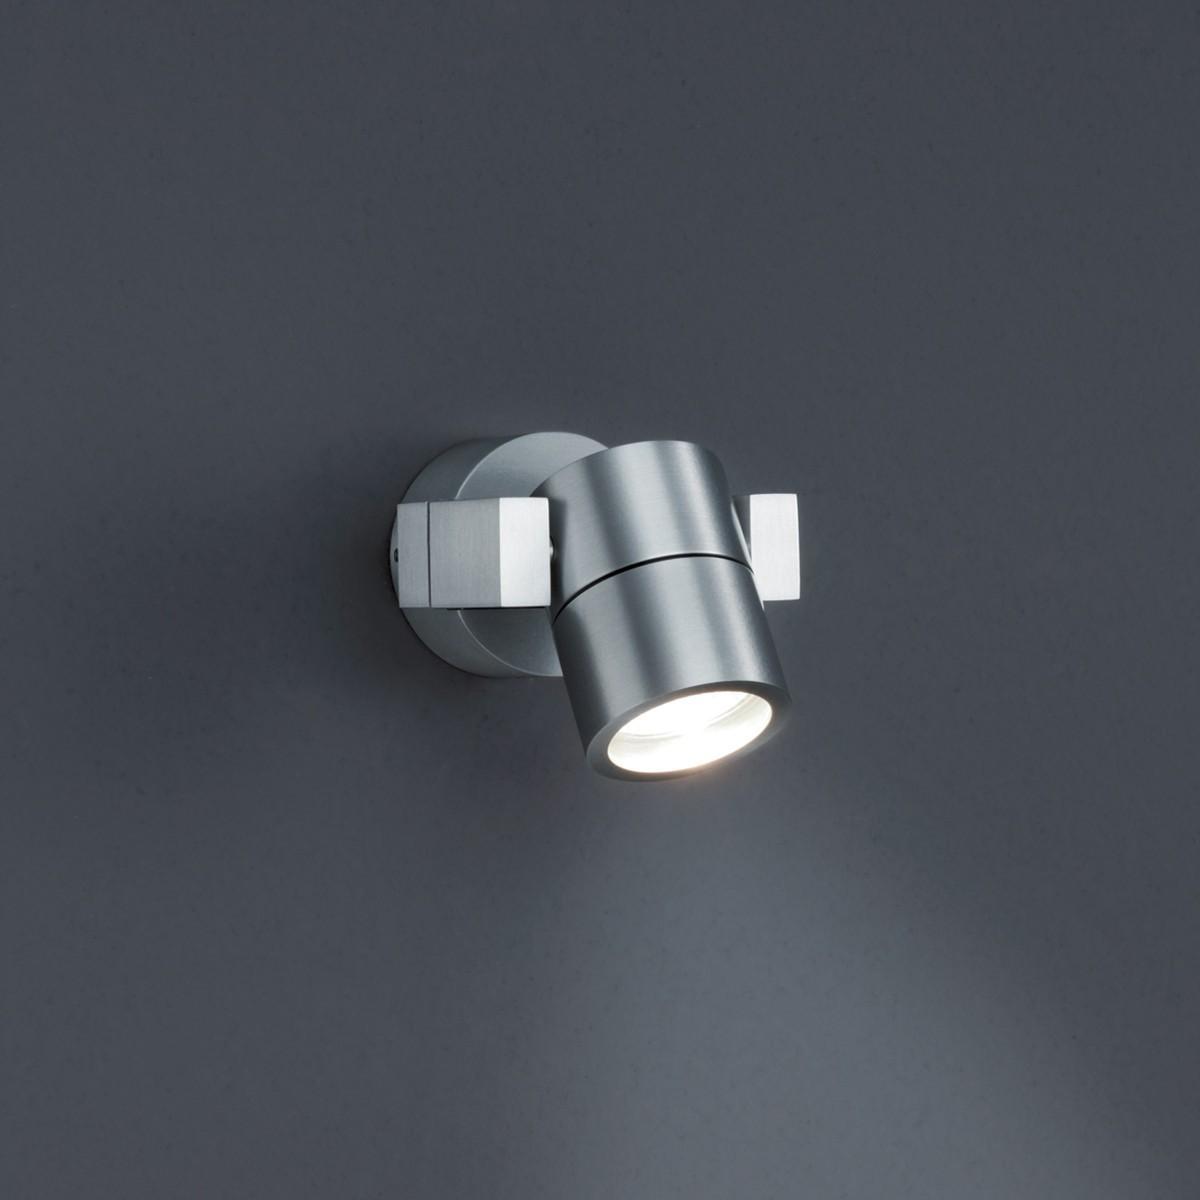 Helestra HL-15 Außenwandleuchte, Aluminium eloxiert